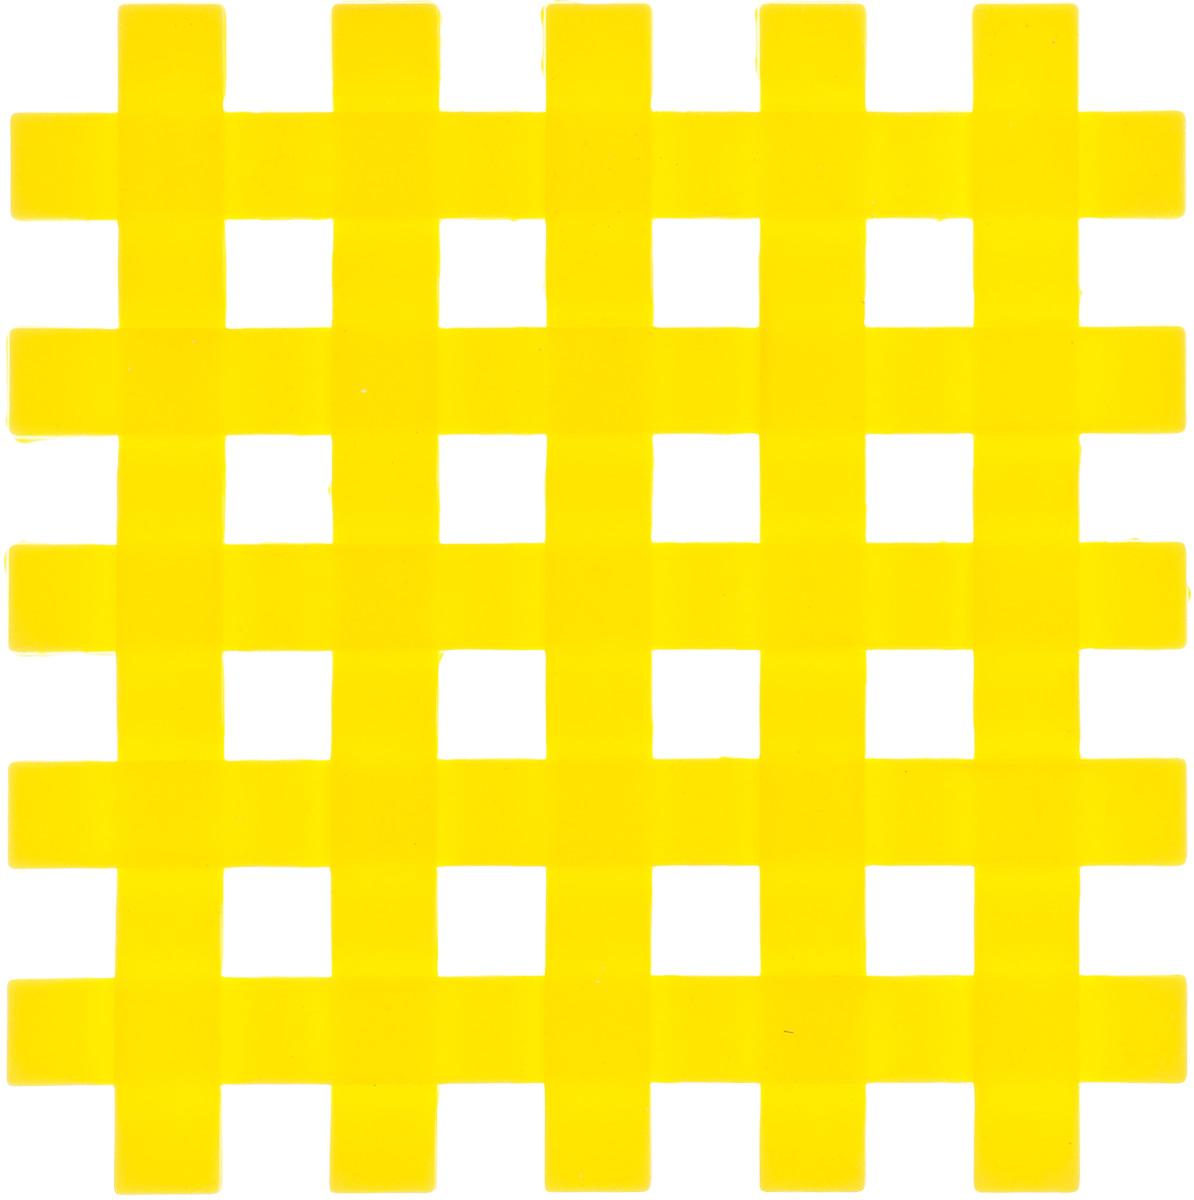 Подставка под горячее Mayer & Boch, силиконовая, цвет: желтый, 17 х 17 см20059_желтыйПодставка под горячее Mayer & Boch изготовлена из силикона и оформлена в виде сетки. Материал позволяет выдерживать высокие температуры и не скользит по поверхности стола.Каждая хозяйка знает, что подставка под горячее - это незаменимый и очень полезный аксессуар на каждой кухне. Ваш стол будет не только украшен яркой и оригинальной подставкой, но также вы сможете уберечь его от воздействия высоких температур.